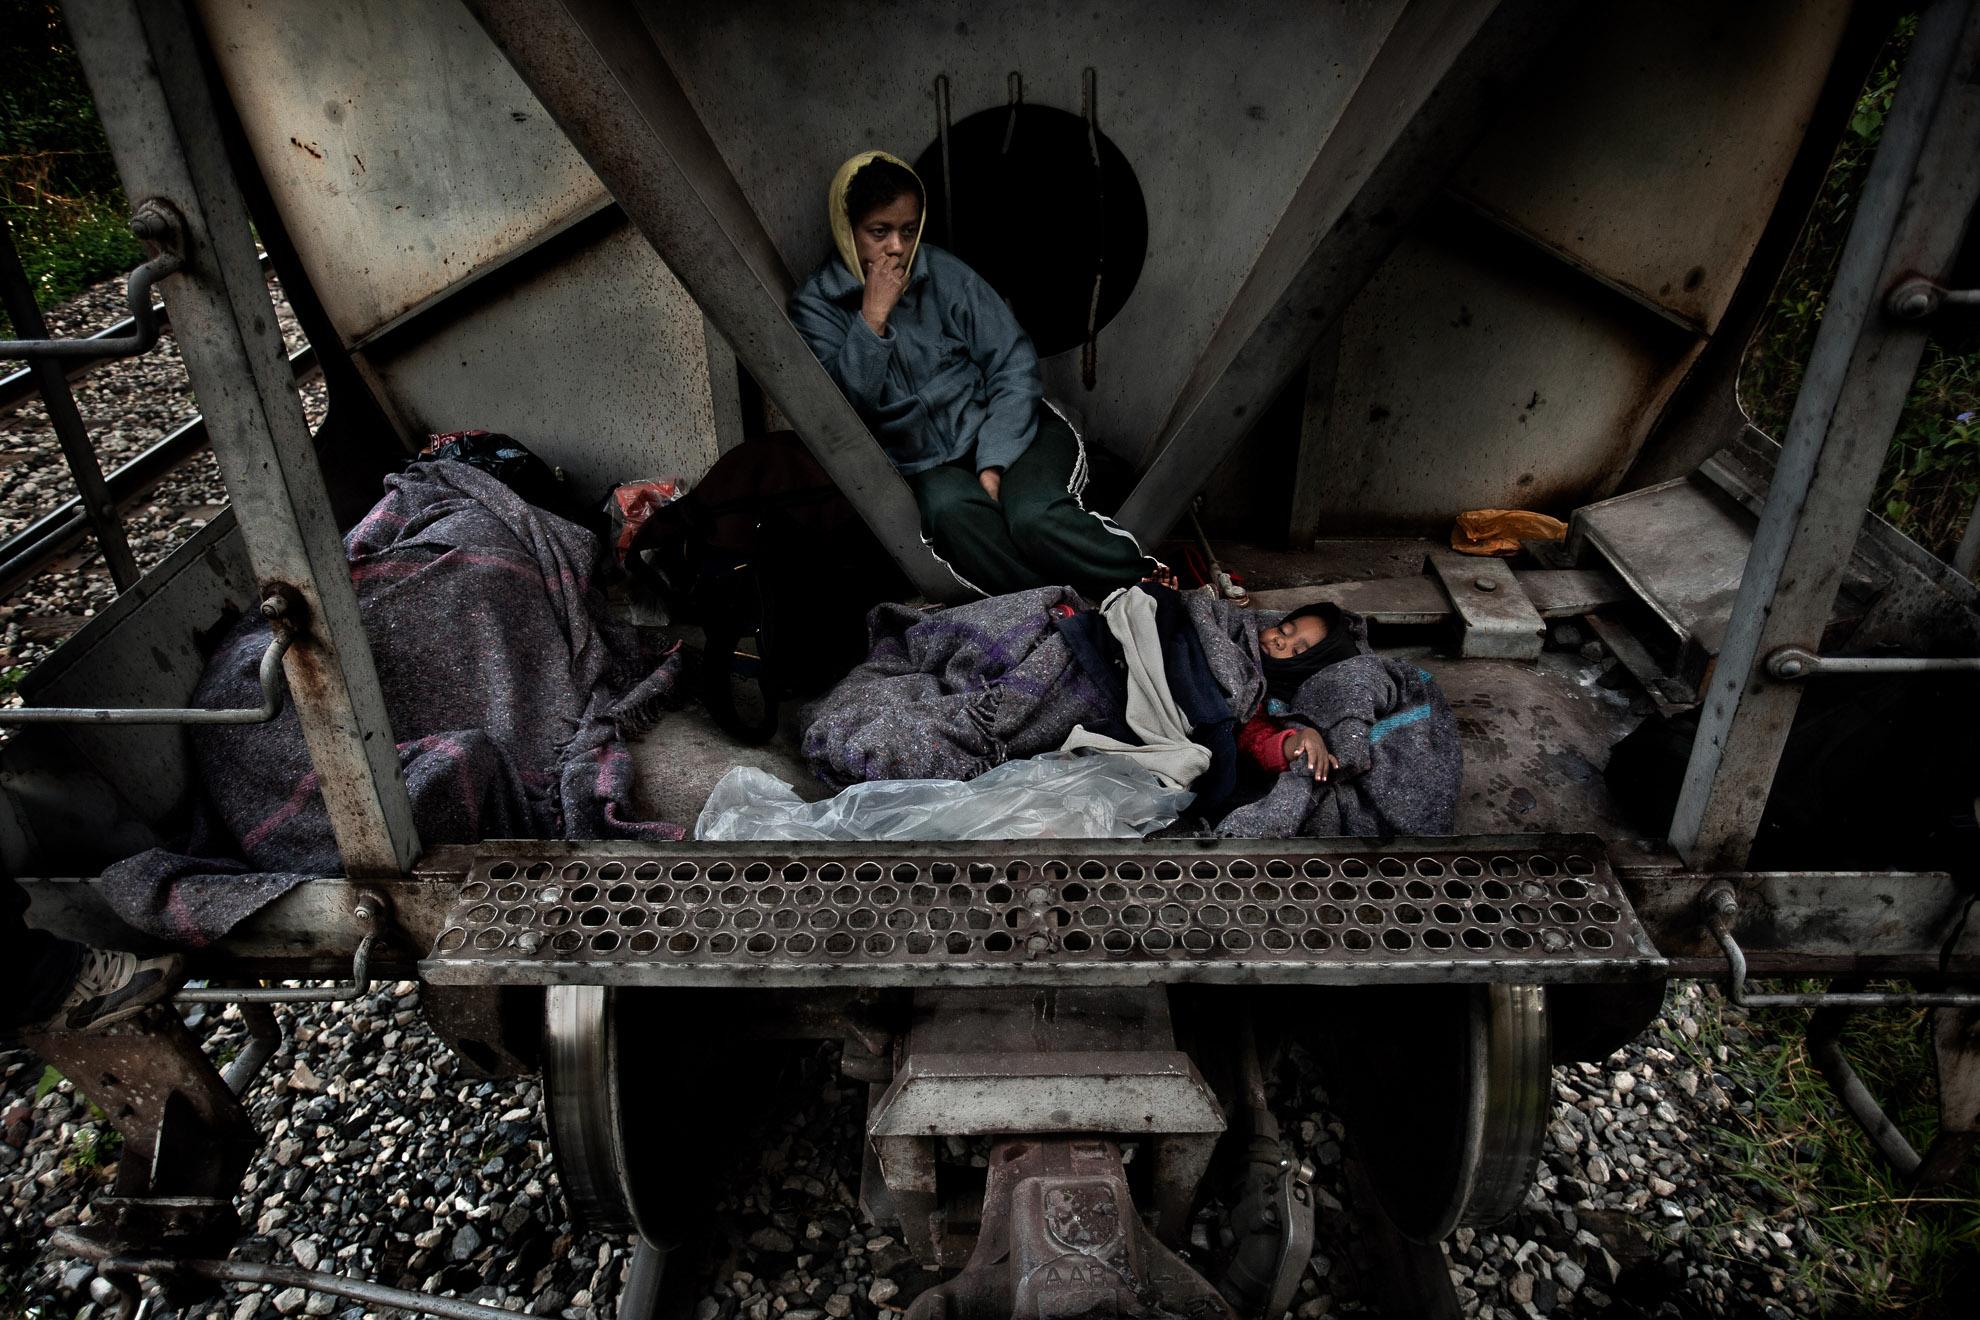 Messico - Veracruz 2011. Una mujer procedente de Honduras viaja en el tren de carga que cruza el Estado de Veracruz, con su hijita de tres años.